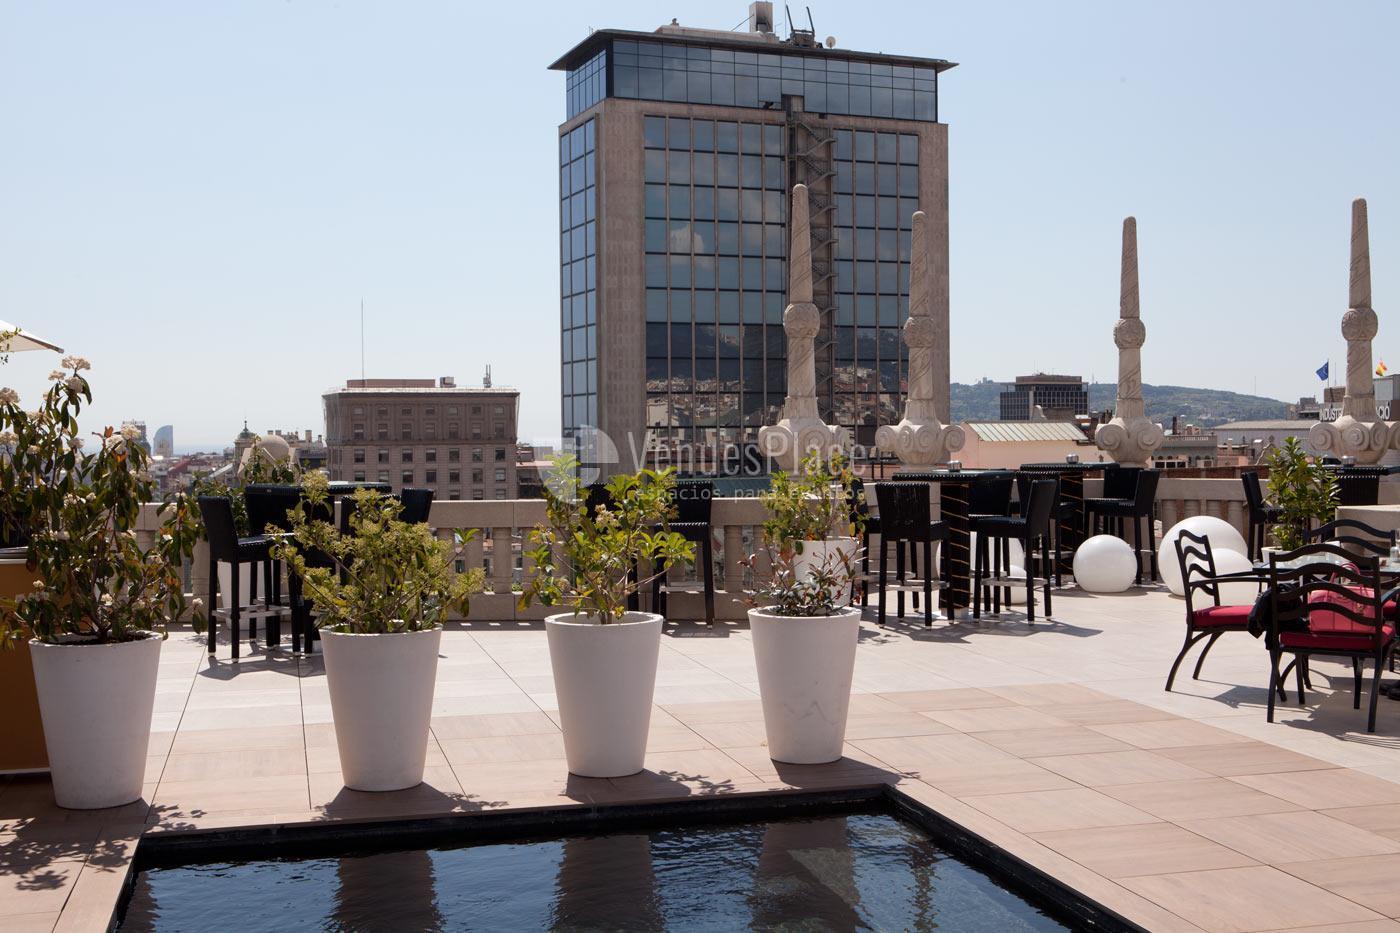 Hotel casa fuster eventos y celebraciones venuesplace - Hotel casa fuster terraza ...